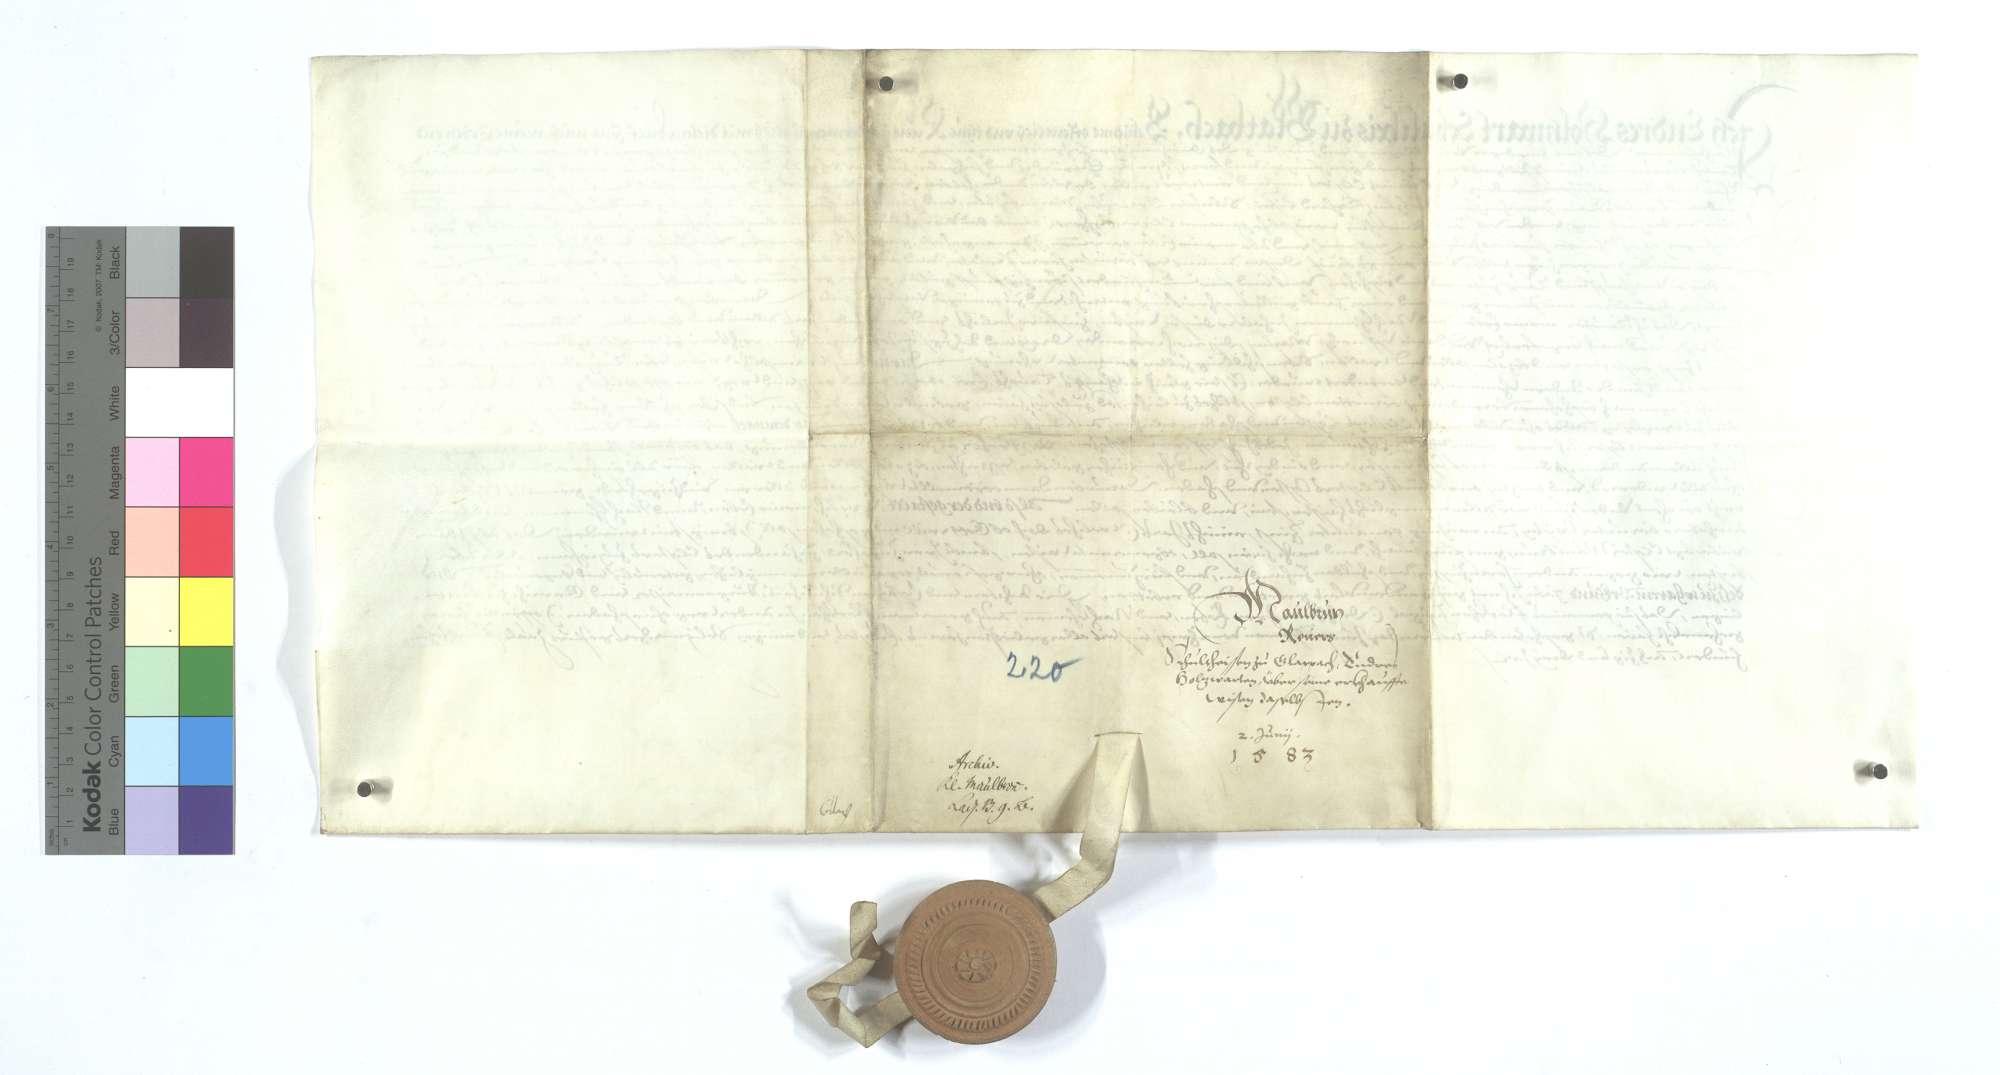 Versprechung Endris Holzwarts, des Schultheißen von Glattbach, wegen der von dem Kloster Maulbronn erkauften 1 1/2 Morgen Wiese dort., Rückseite